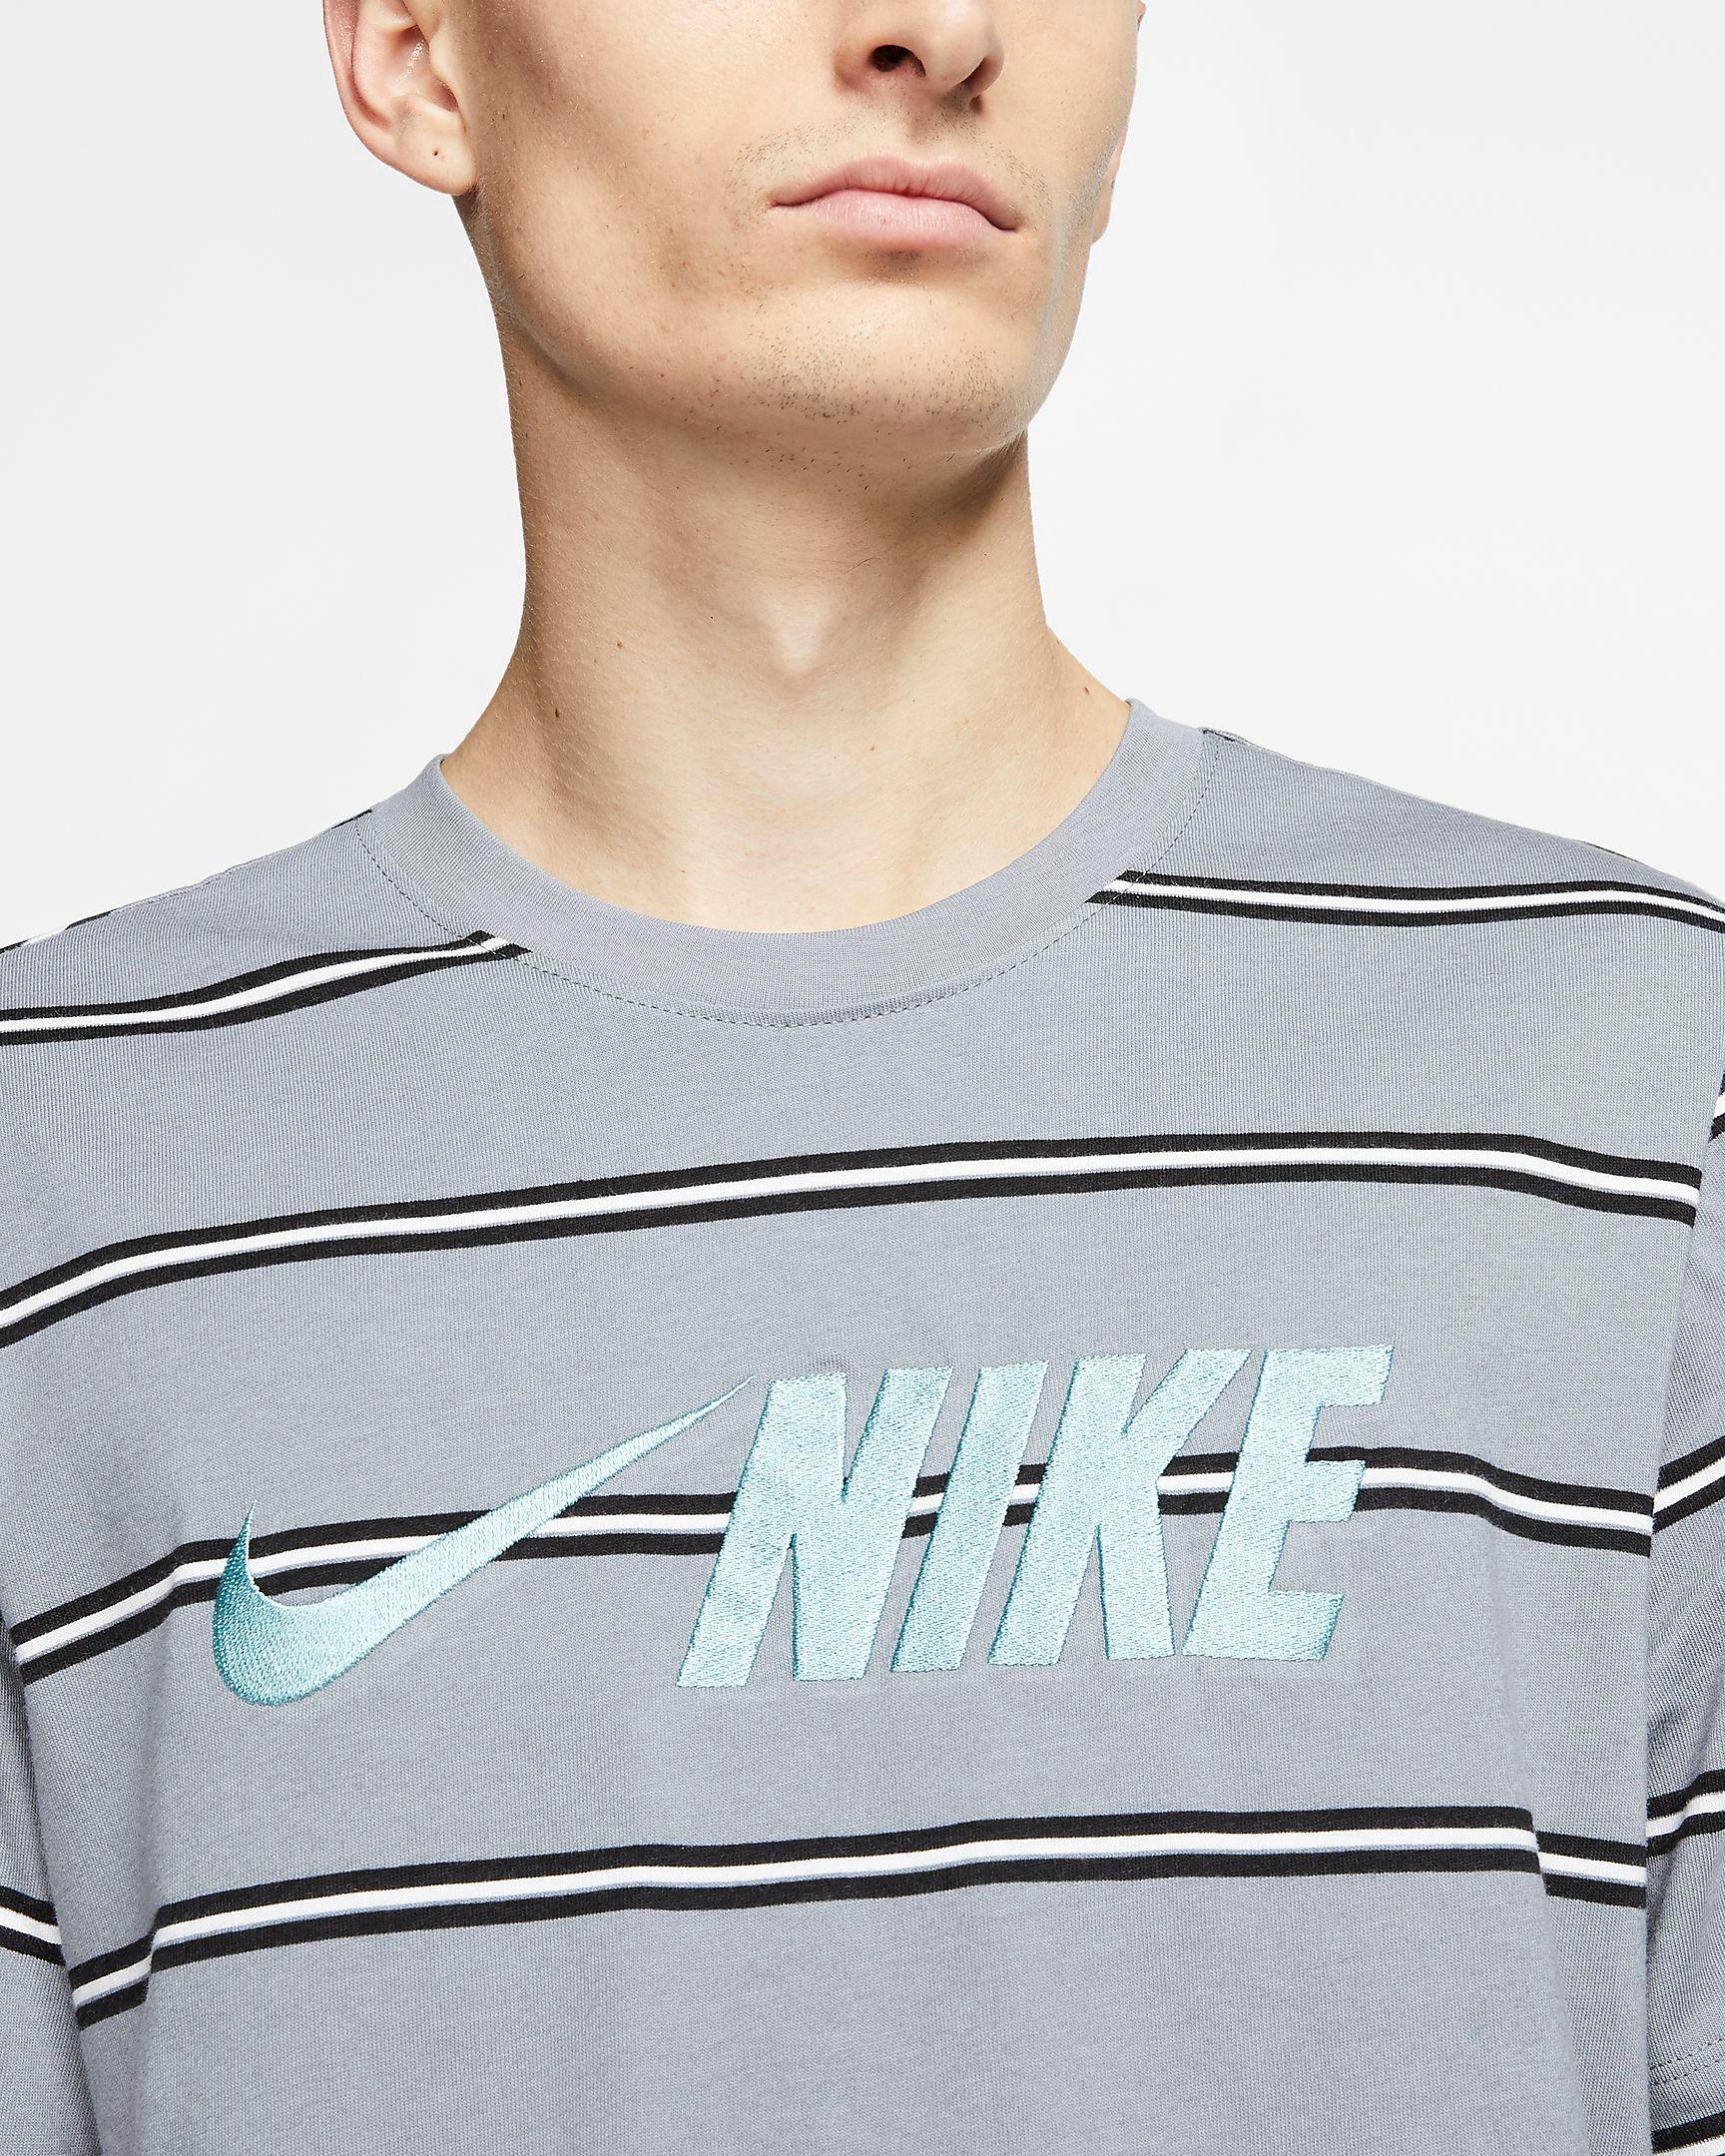 nike-air-max-90-hyper-turquoise-shirt-1